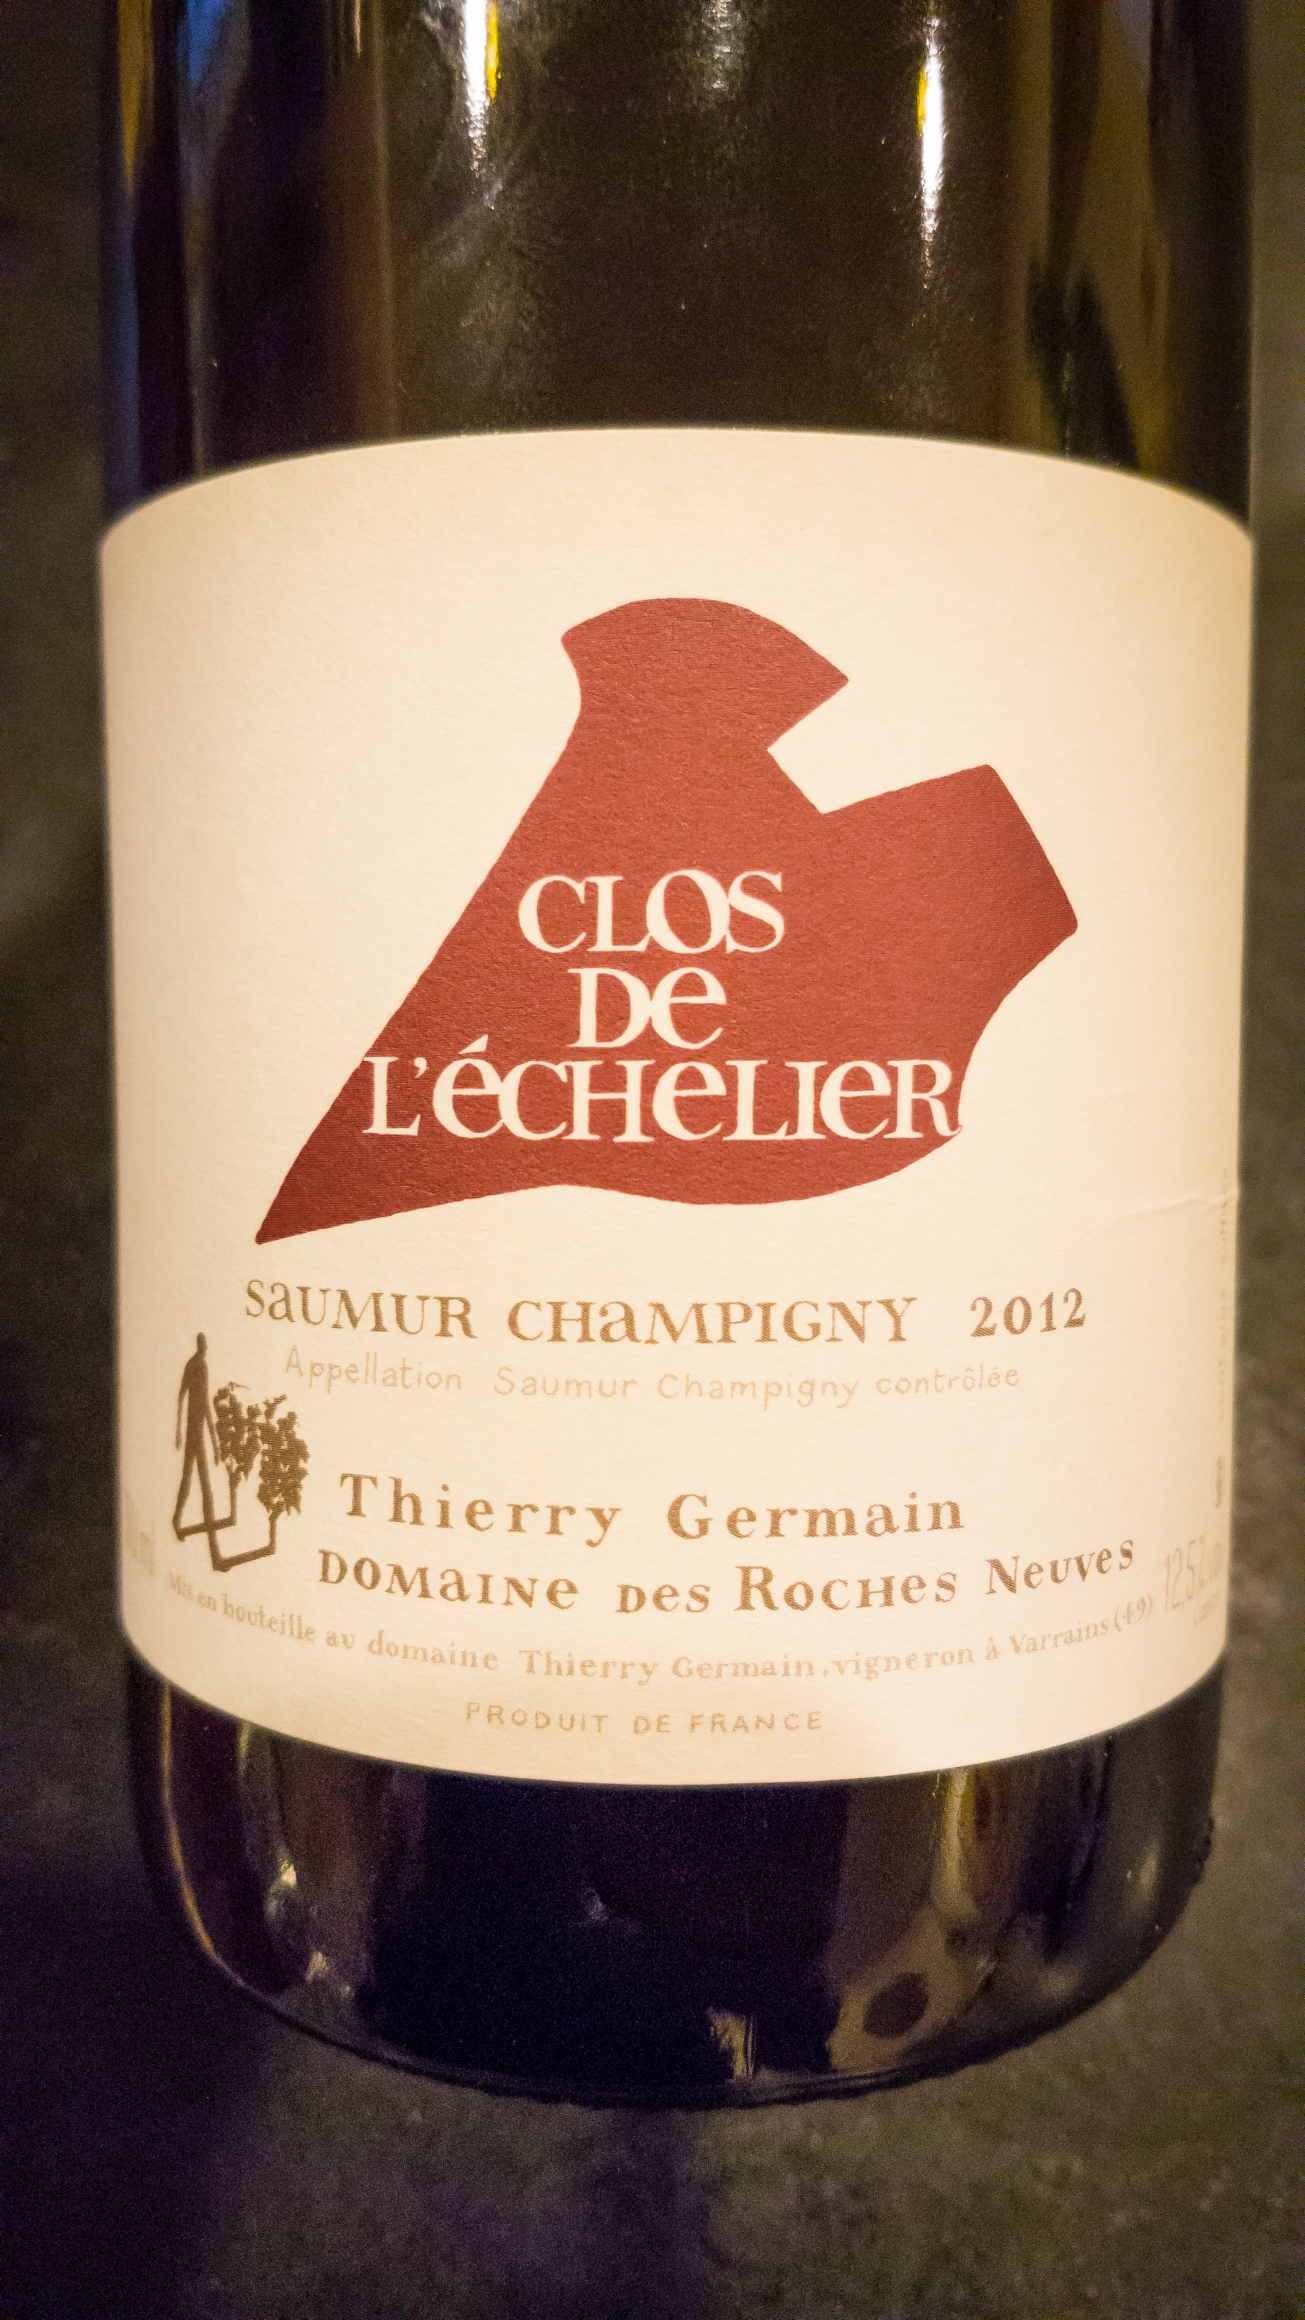 2012 Domaine des Roches Neuves Saumur-Champigny Clos de L'Echelier